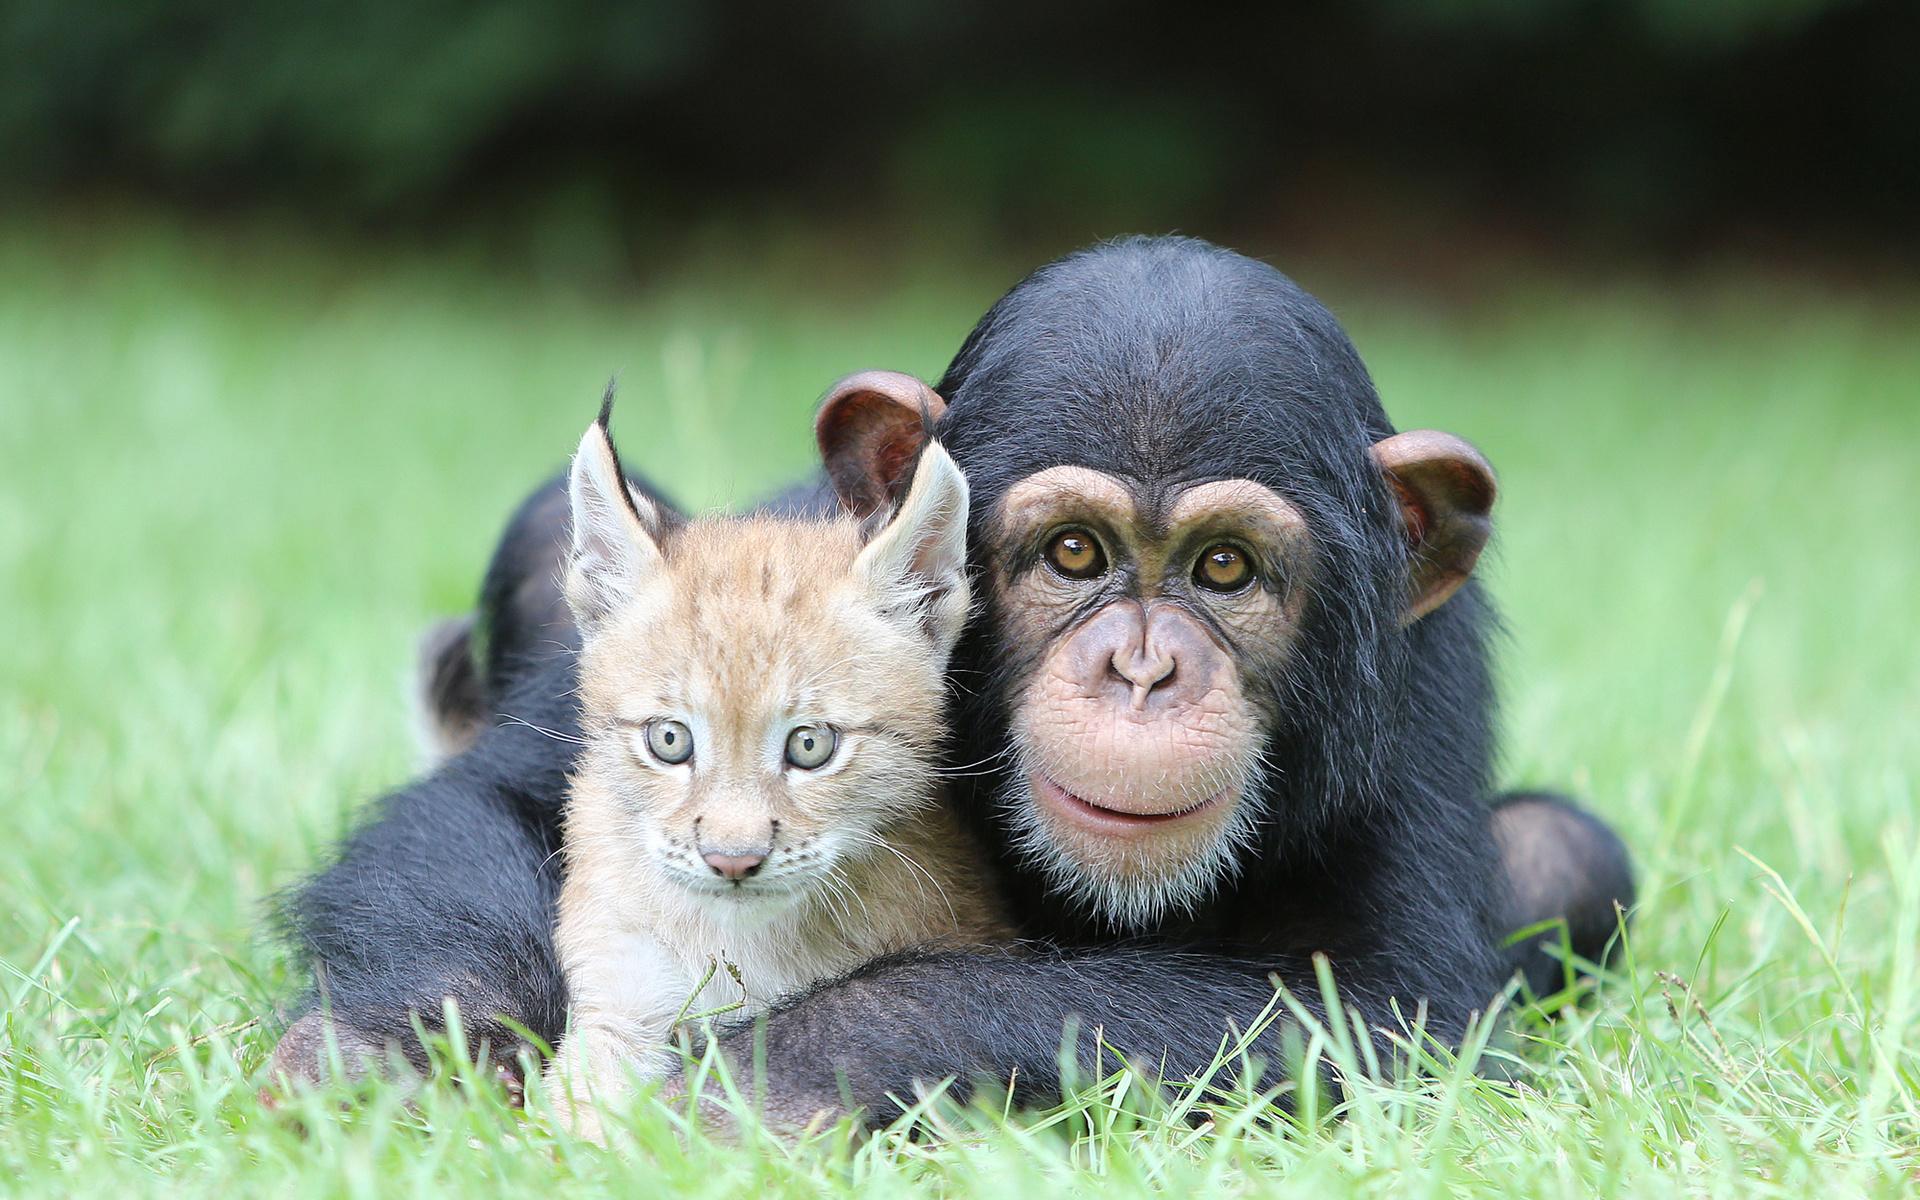 Картинки животных смешные смотреть в хорошем качестве, дедушки для детей